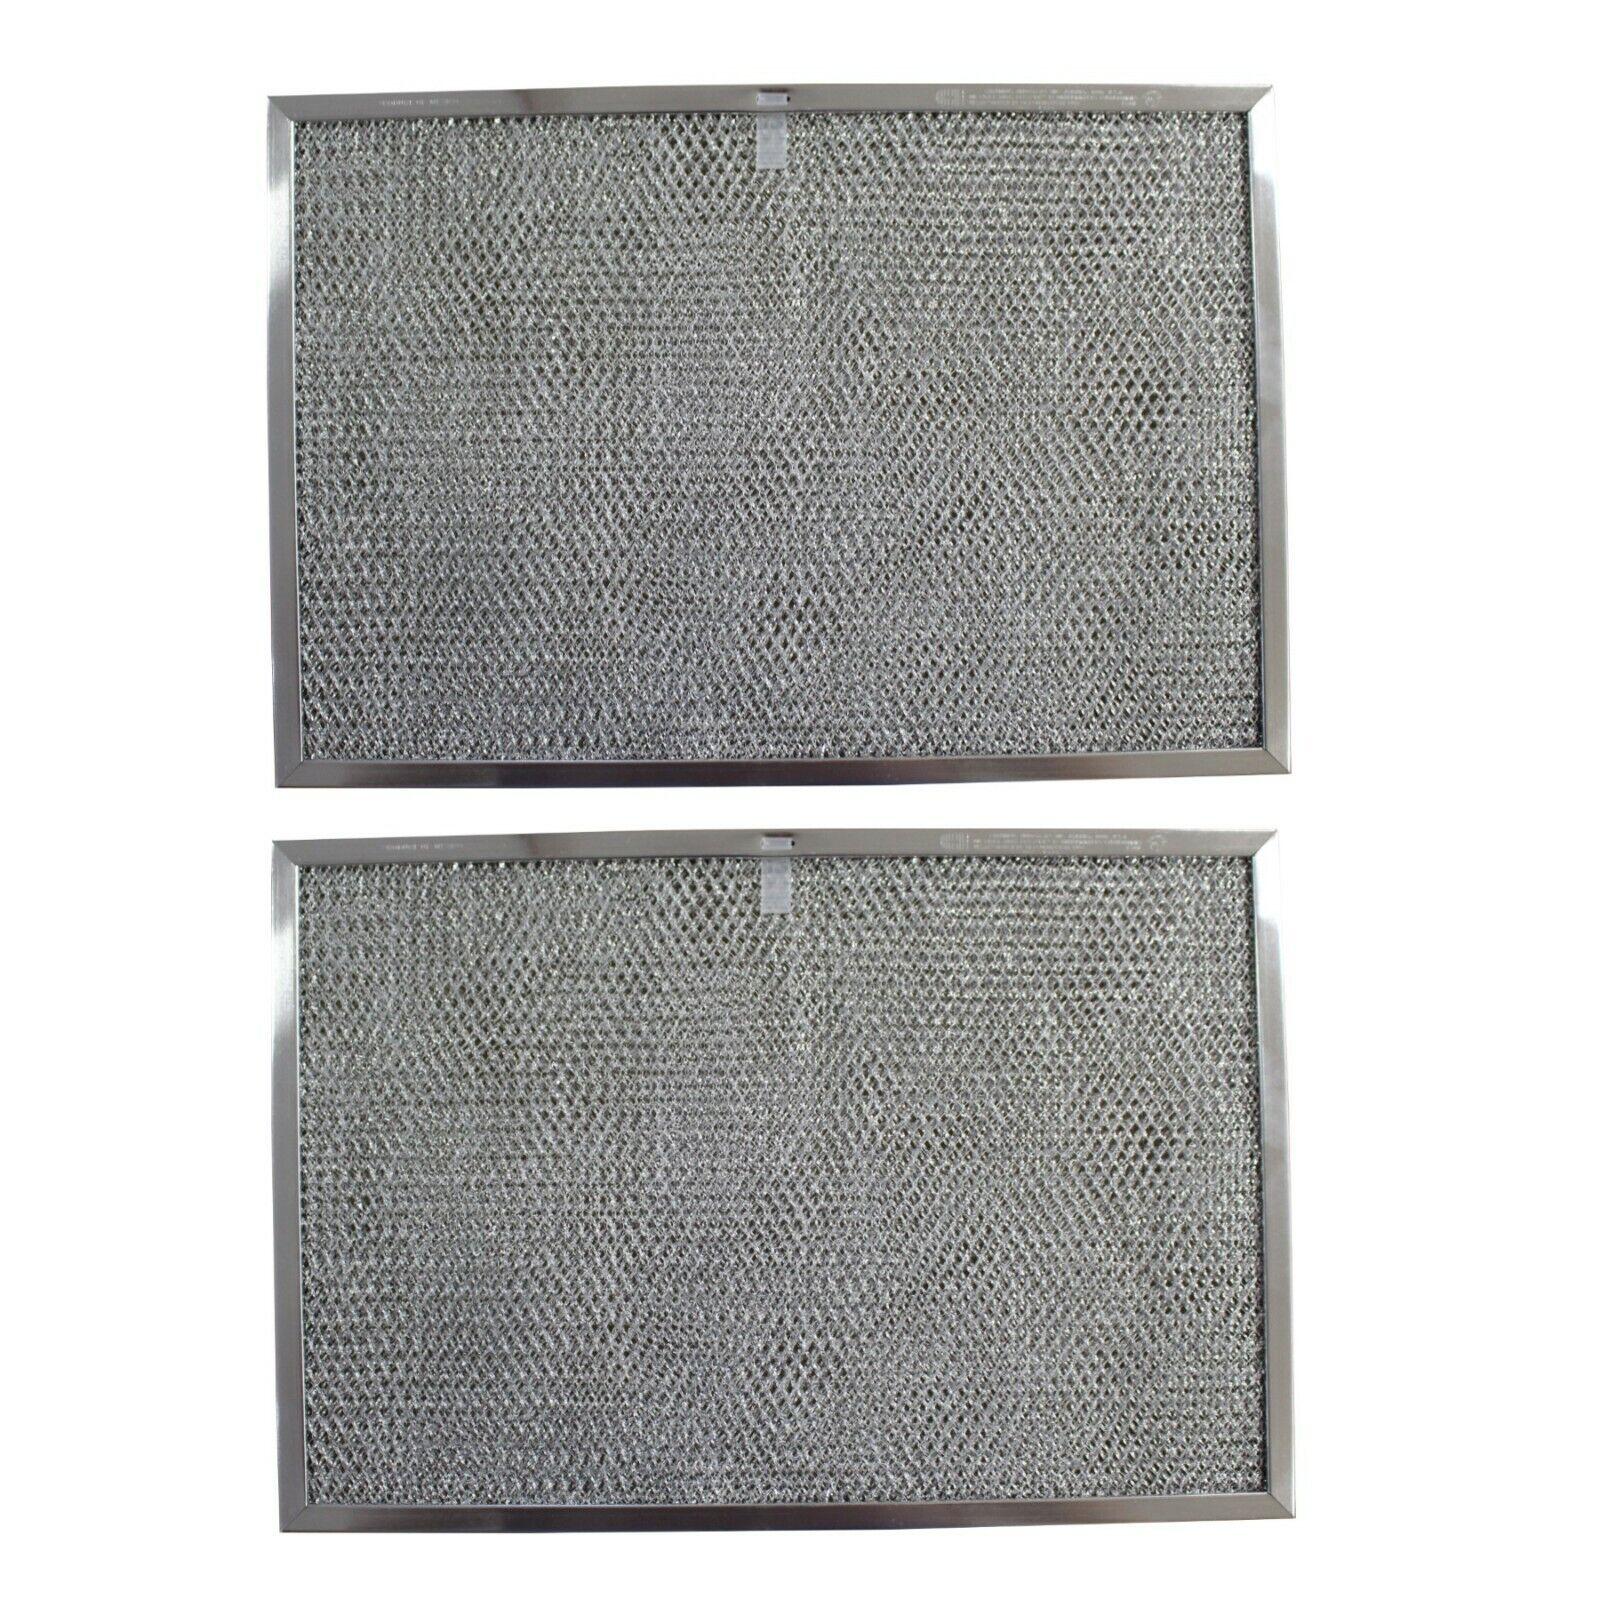 Broan 99010299 Compatible Mesh Range Hood Filter 11-7/8